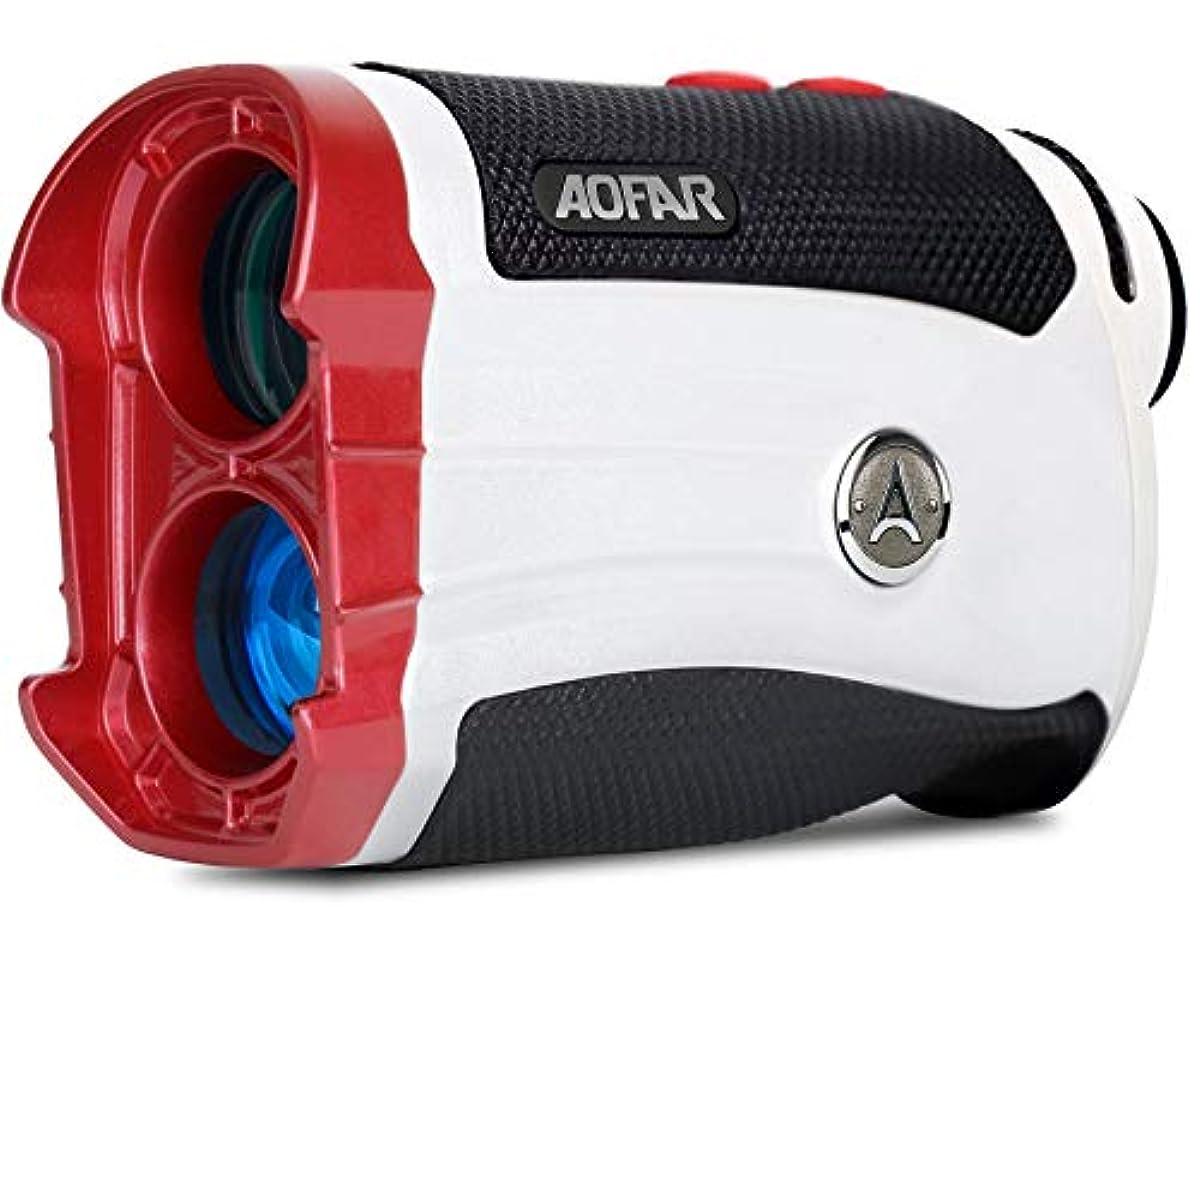 [해외] AOFAR GX-2S 골프용 레이저 거리계 slope의 온/오프,렌즈 배율6배,계측 범위600미터,플랙 그린 진동 부착,생활 방수,기프트 포장